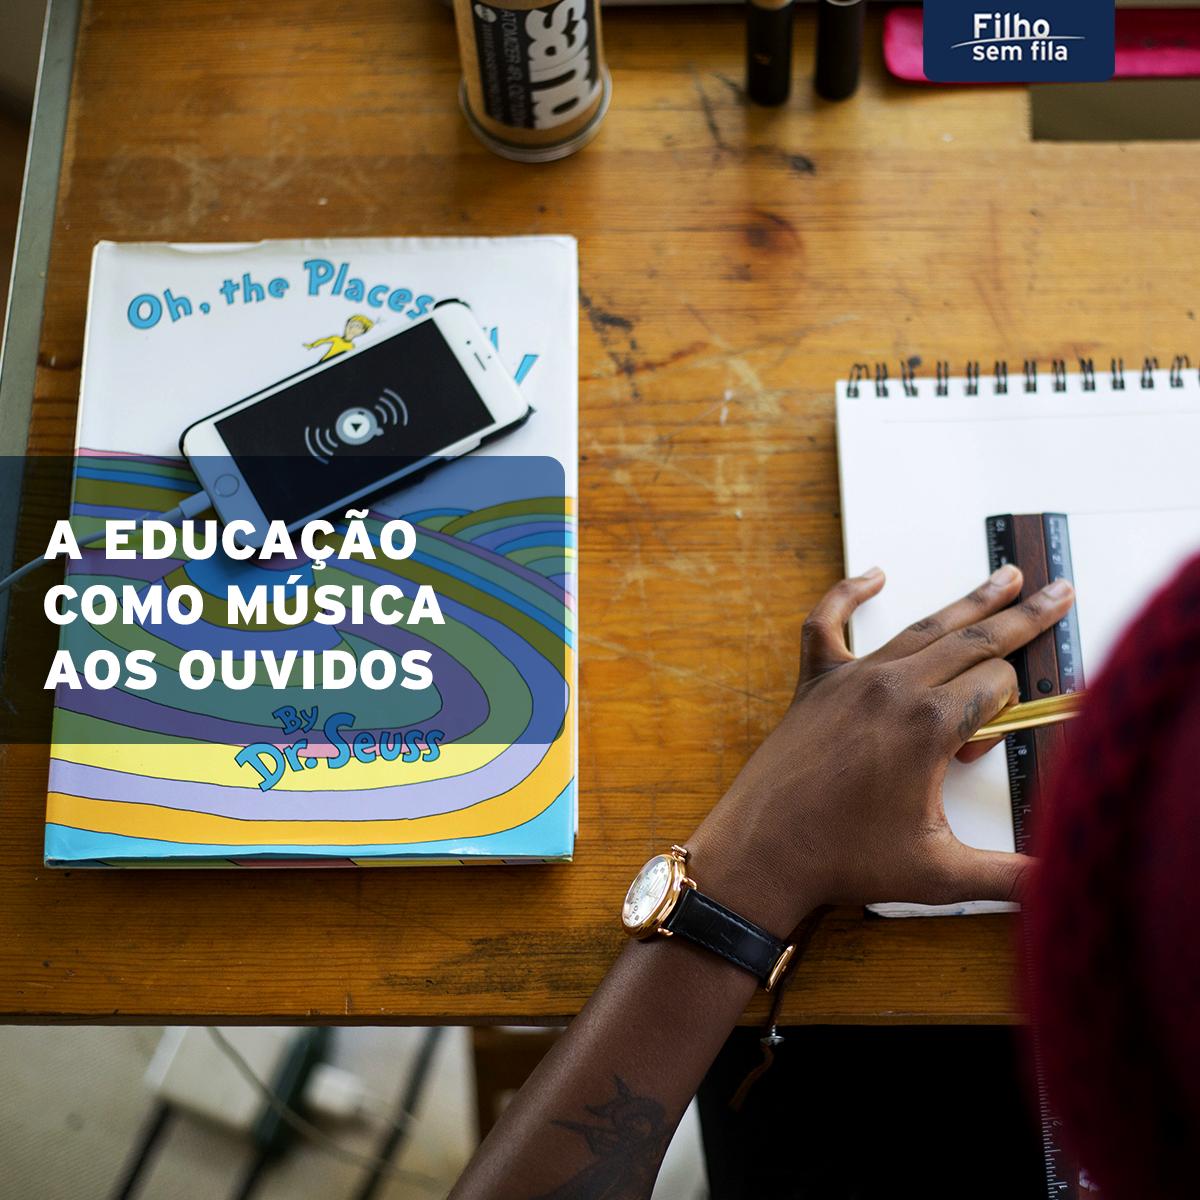 A educação como música aos ouvidos